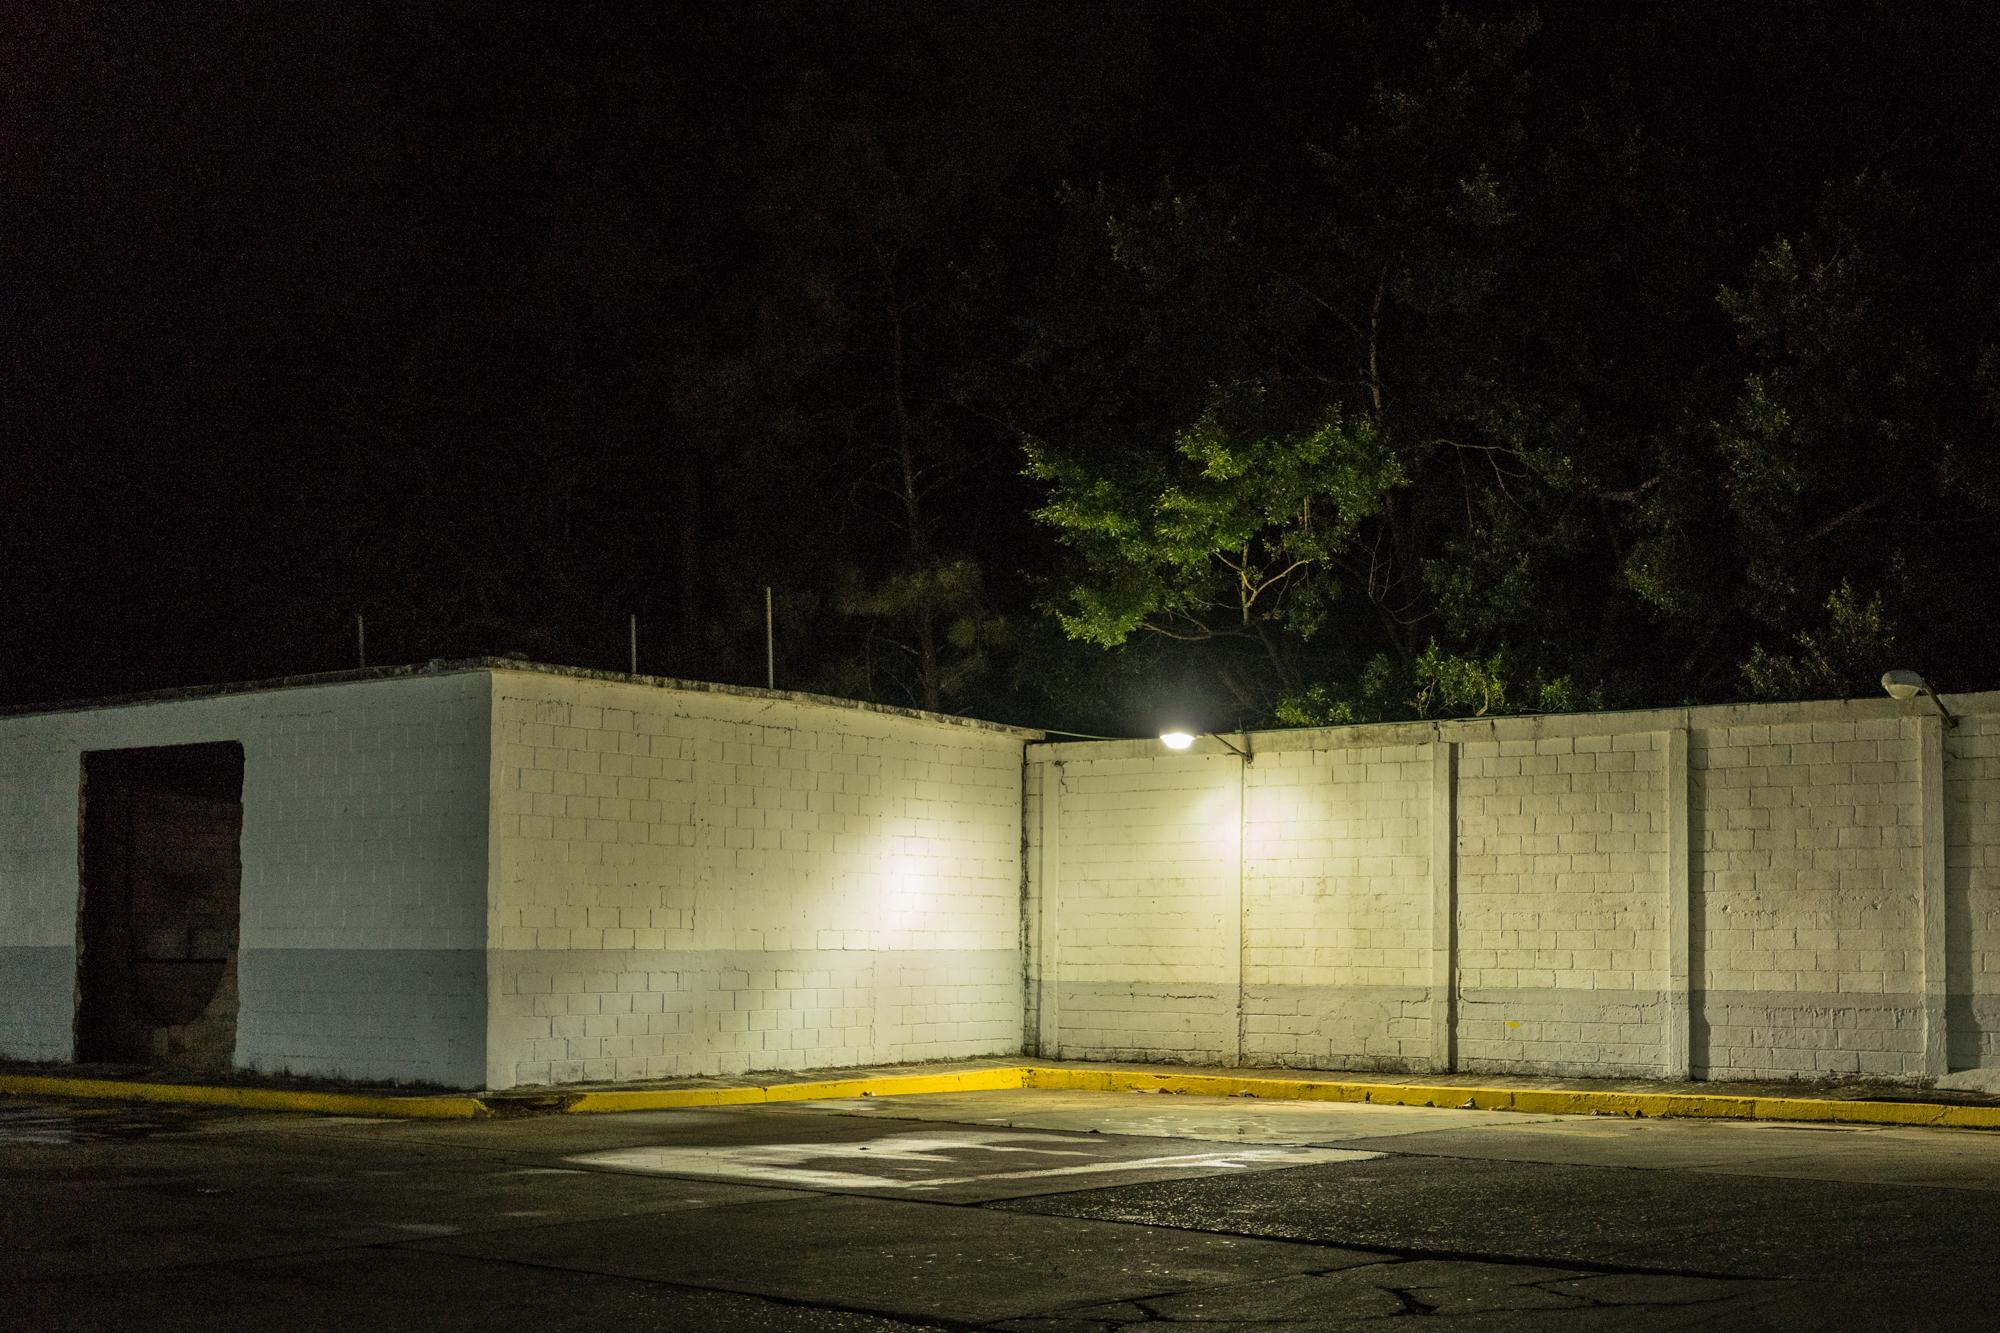 Un diario de Mexico - Amanda Annand-10.jpg